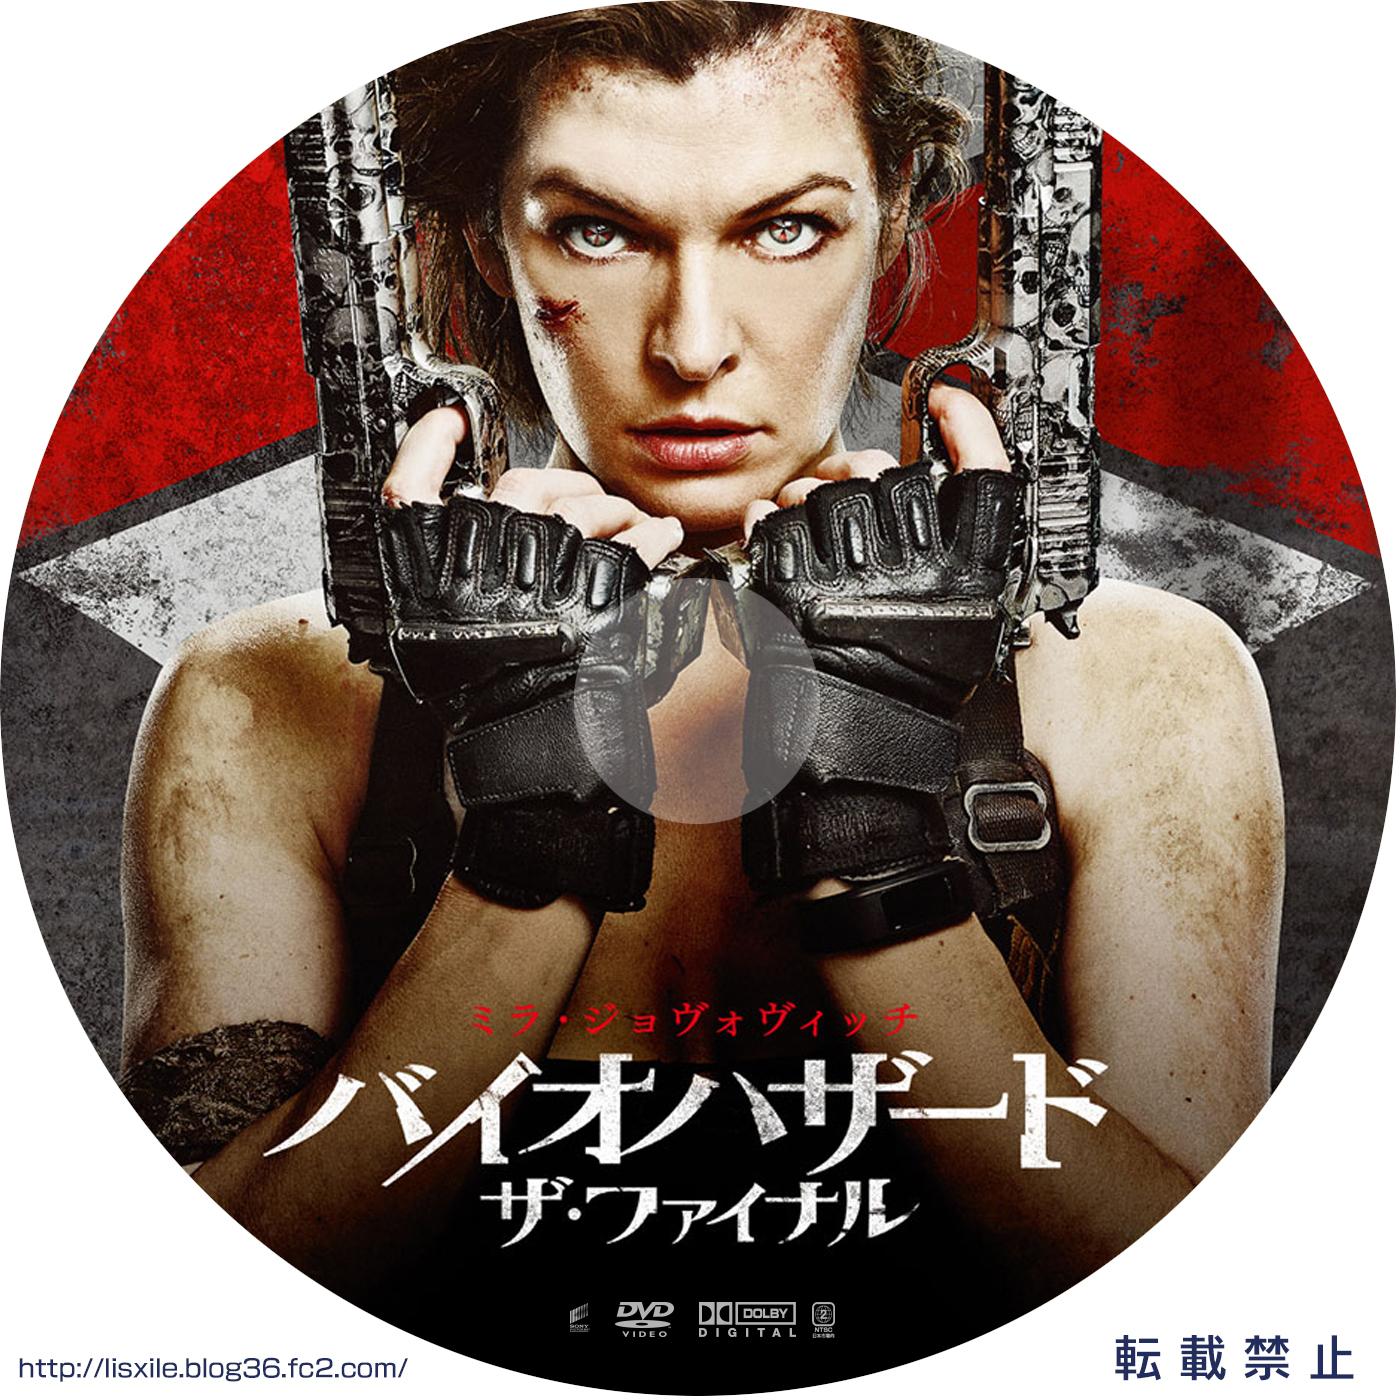 バイオハザード:ザ・ファイナル DVDラベル